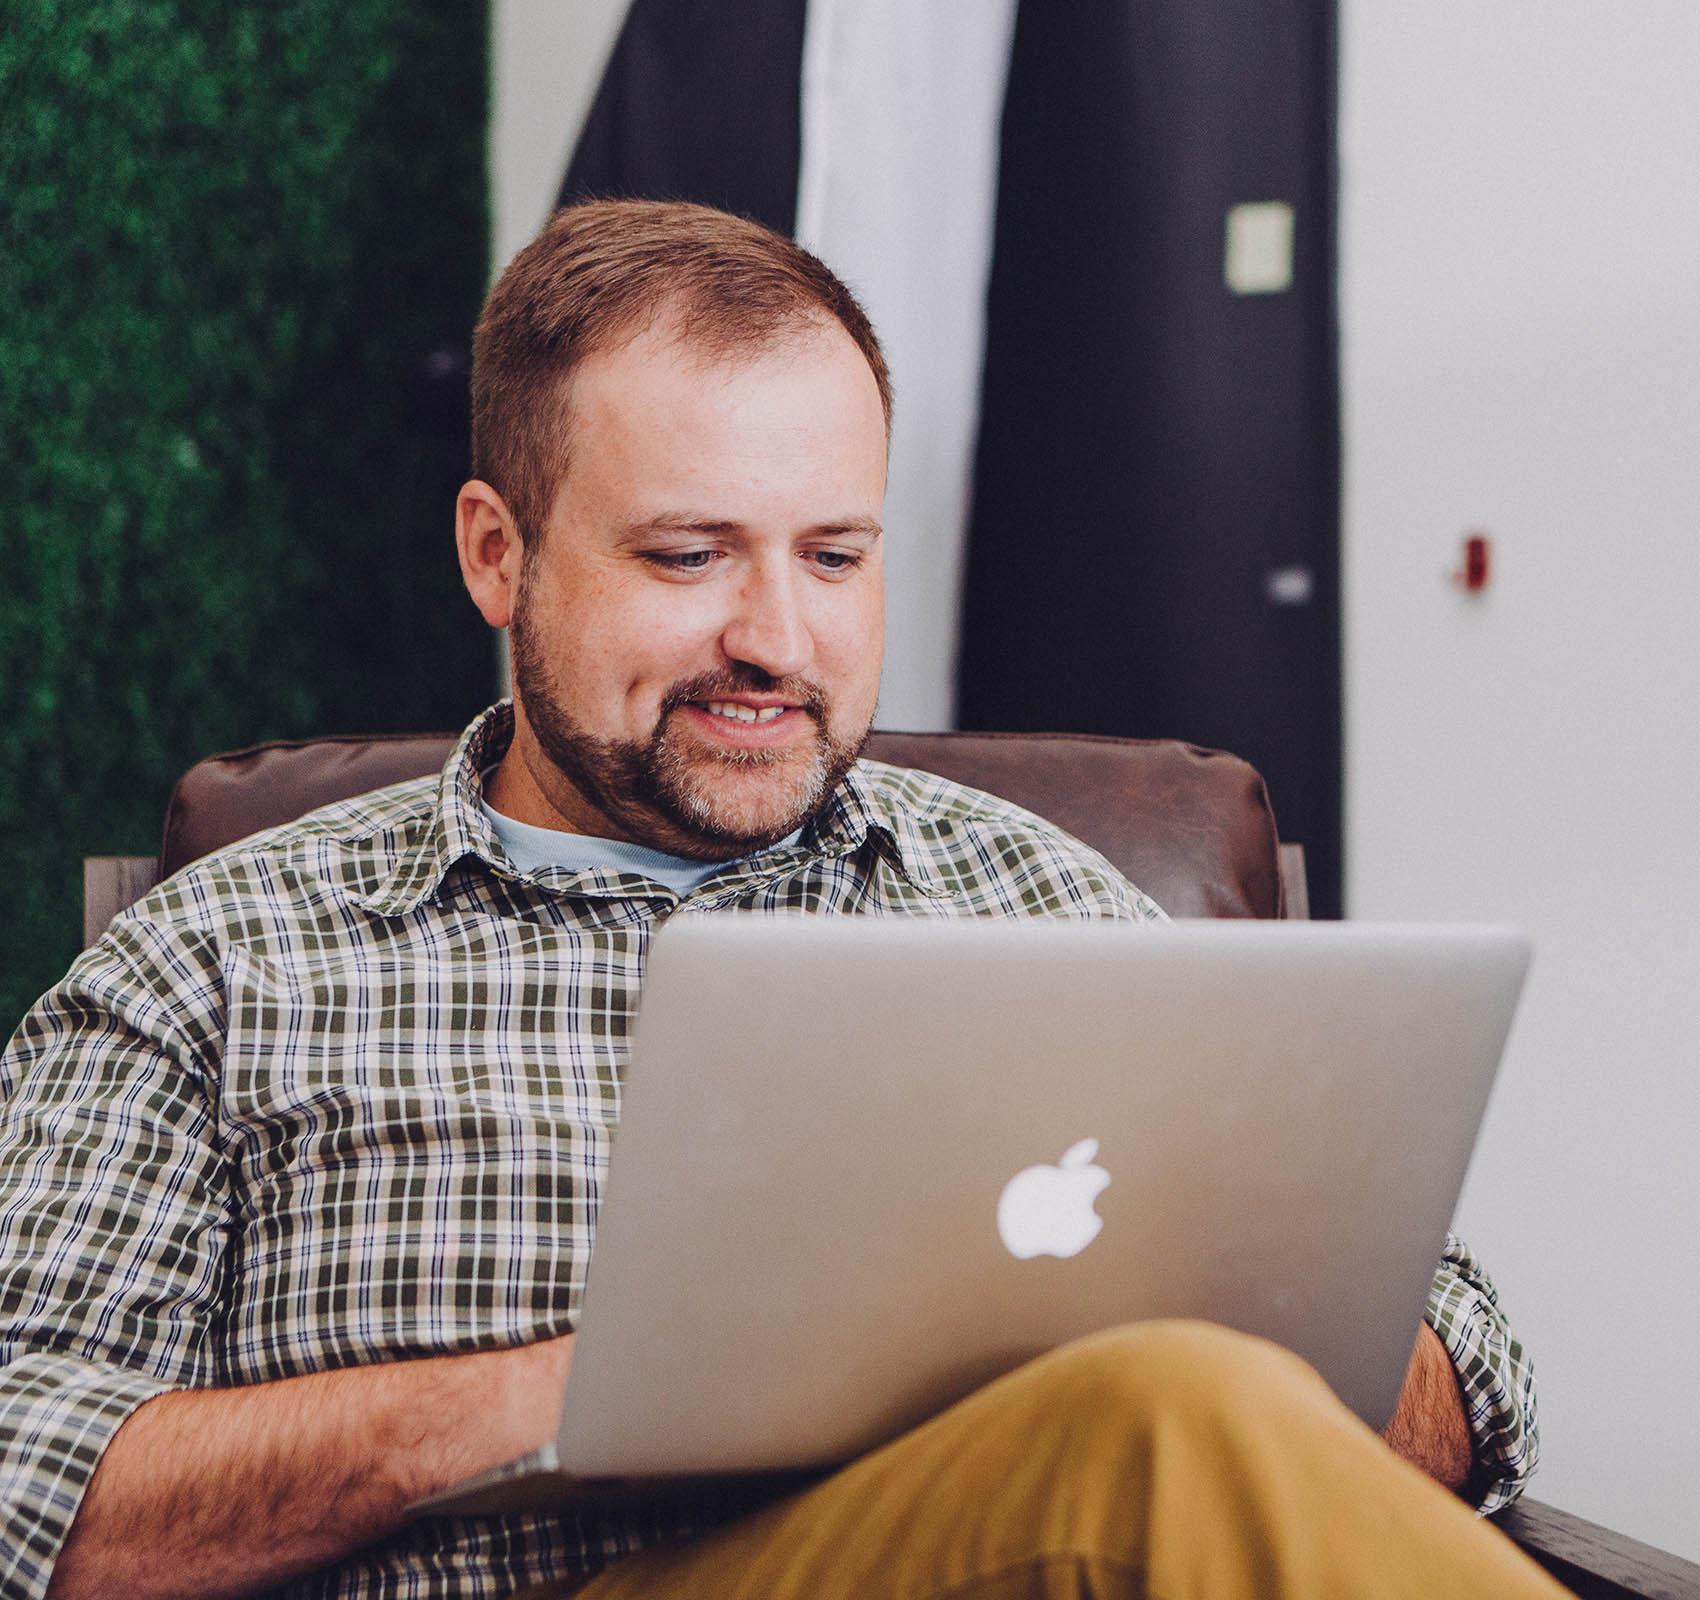 Kuvassa parrakas mies istuu penkillä ja naputtelee tietokoneellansa